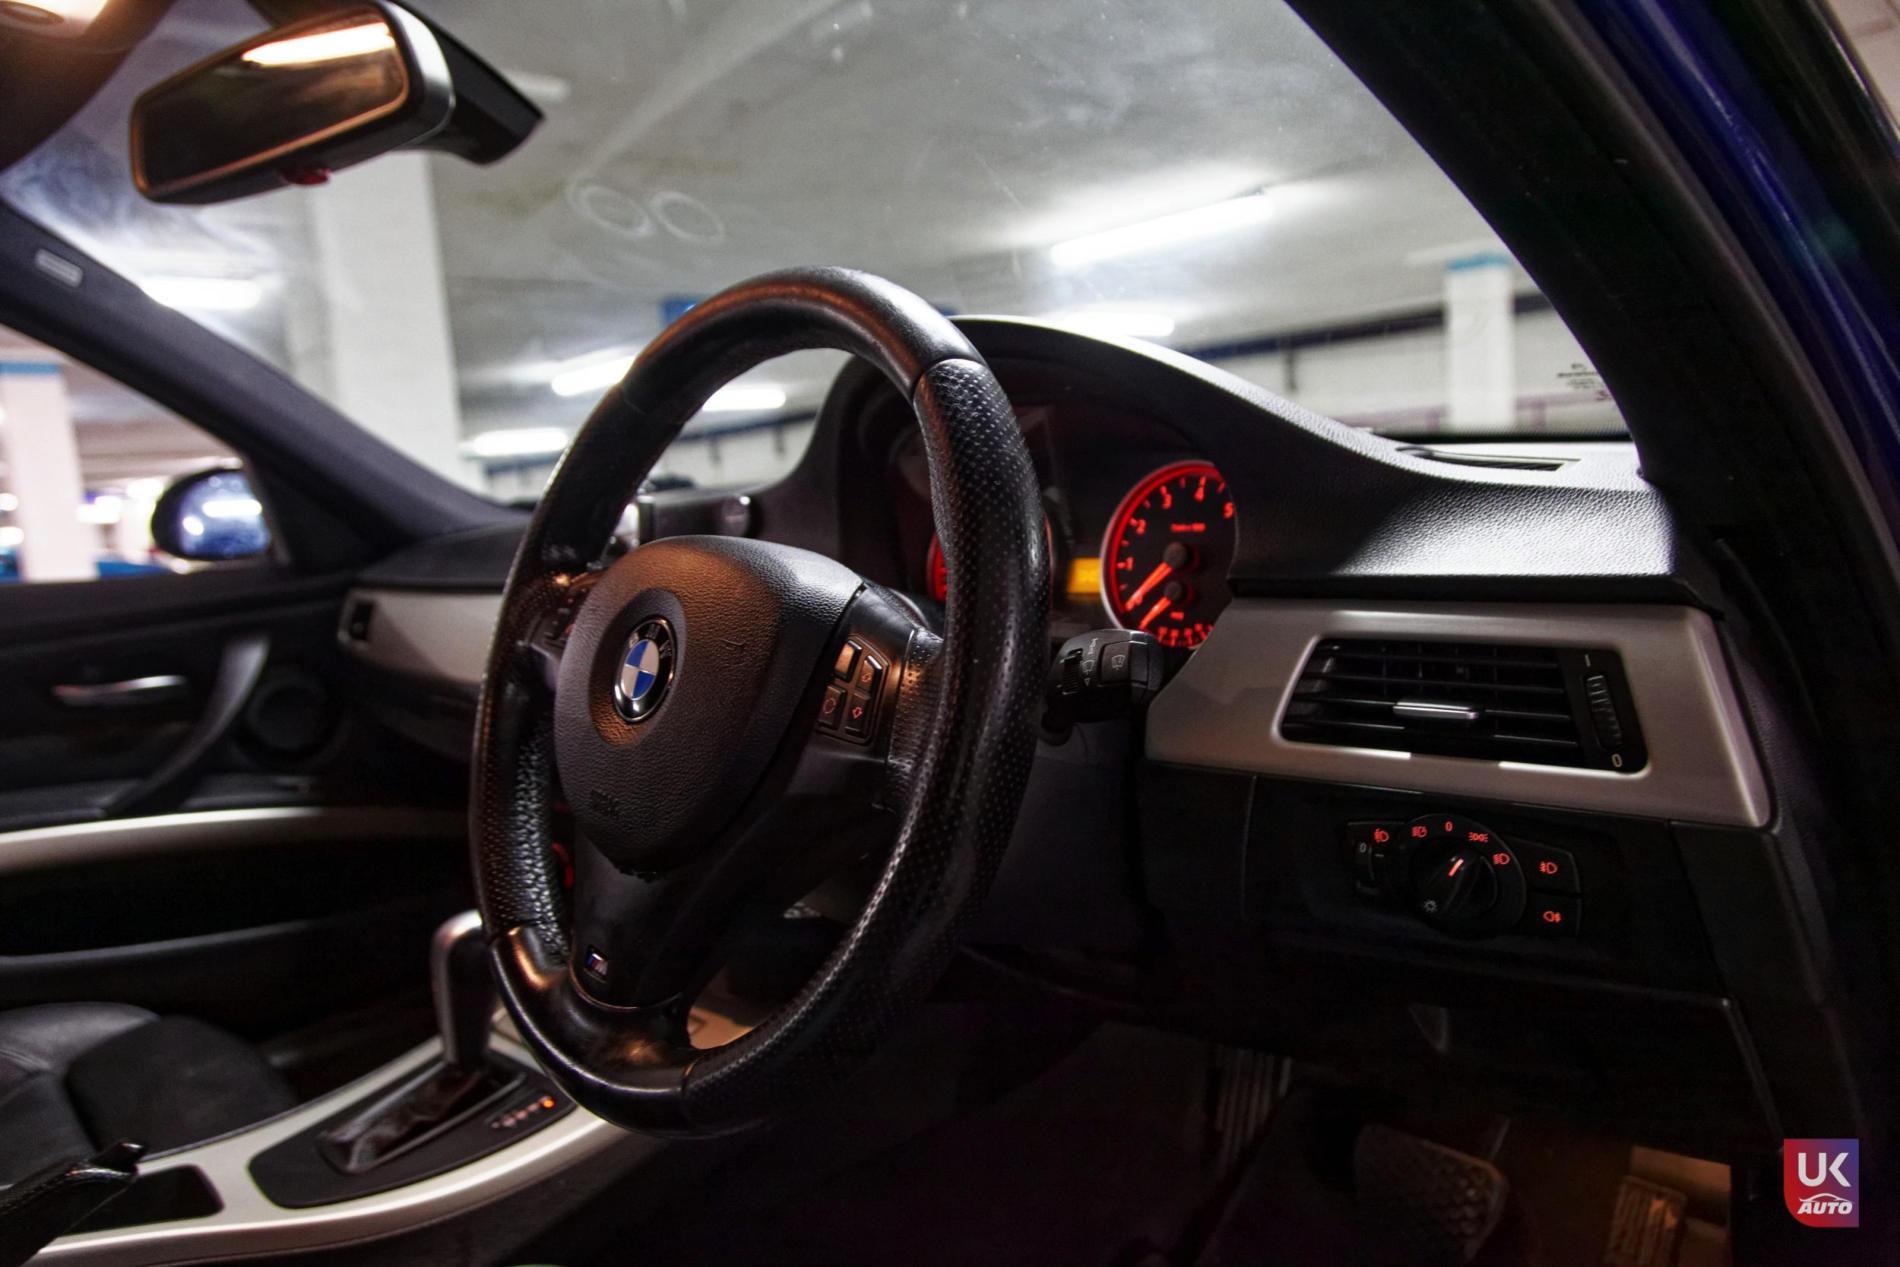 IMPORT BMW 330I LIVRAISON BMW EN FRANCE RHD PAR UKAUTO MANDATAIRE BMW AUTO PAS CHER PAR UKAUTO8 - IMPORT BMW 330I LIVRAISON BMW EN FRANCE RHD PAR UKAUTO MANDATAIRE BMW AUTO PAS CHER PAR UKAUTO